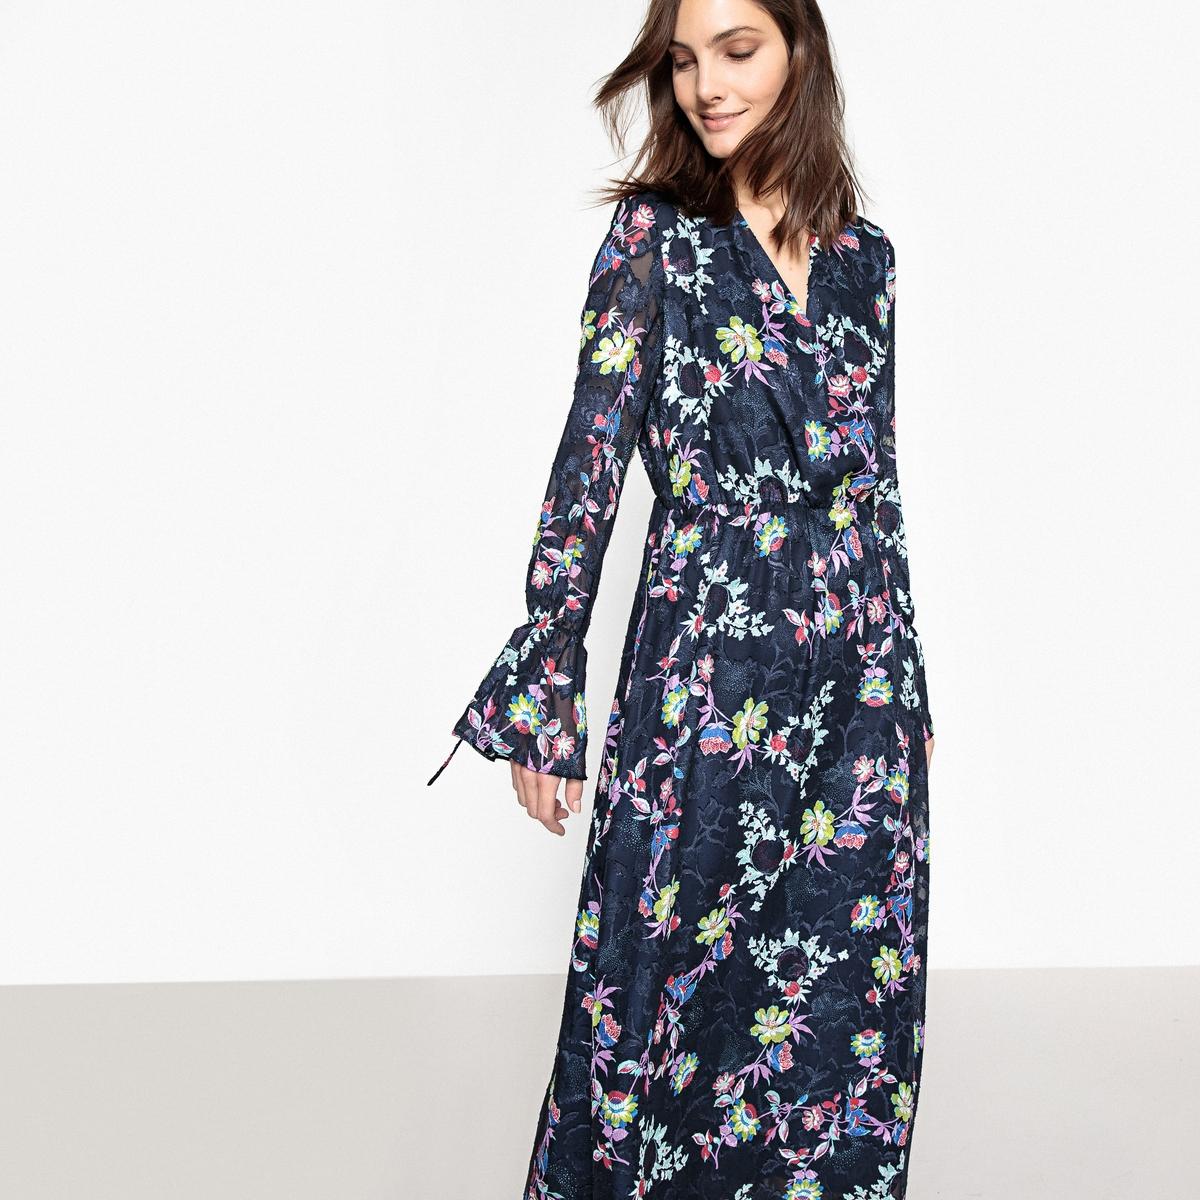 Платье длинное с цветочным принтом, c длинными рукавами платье длинное из трикотажа с цветочным принтом короткие рукава